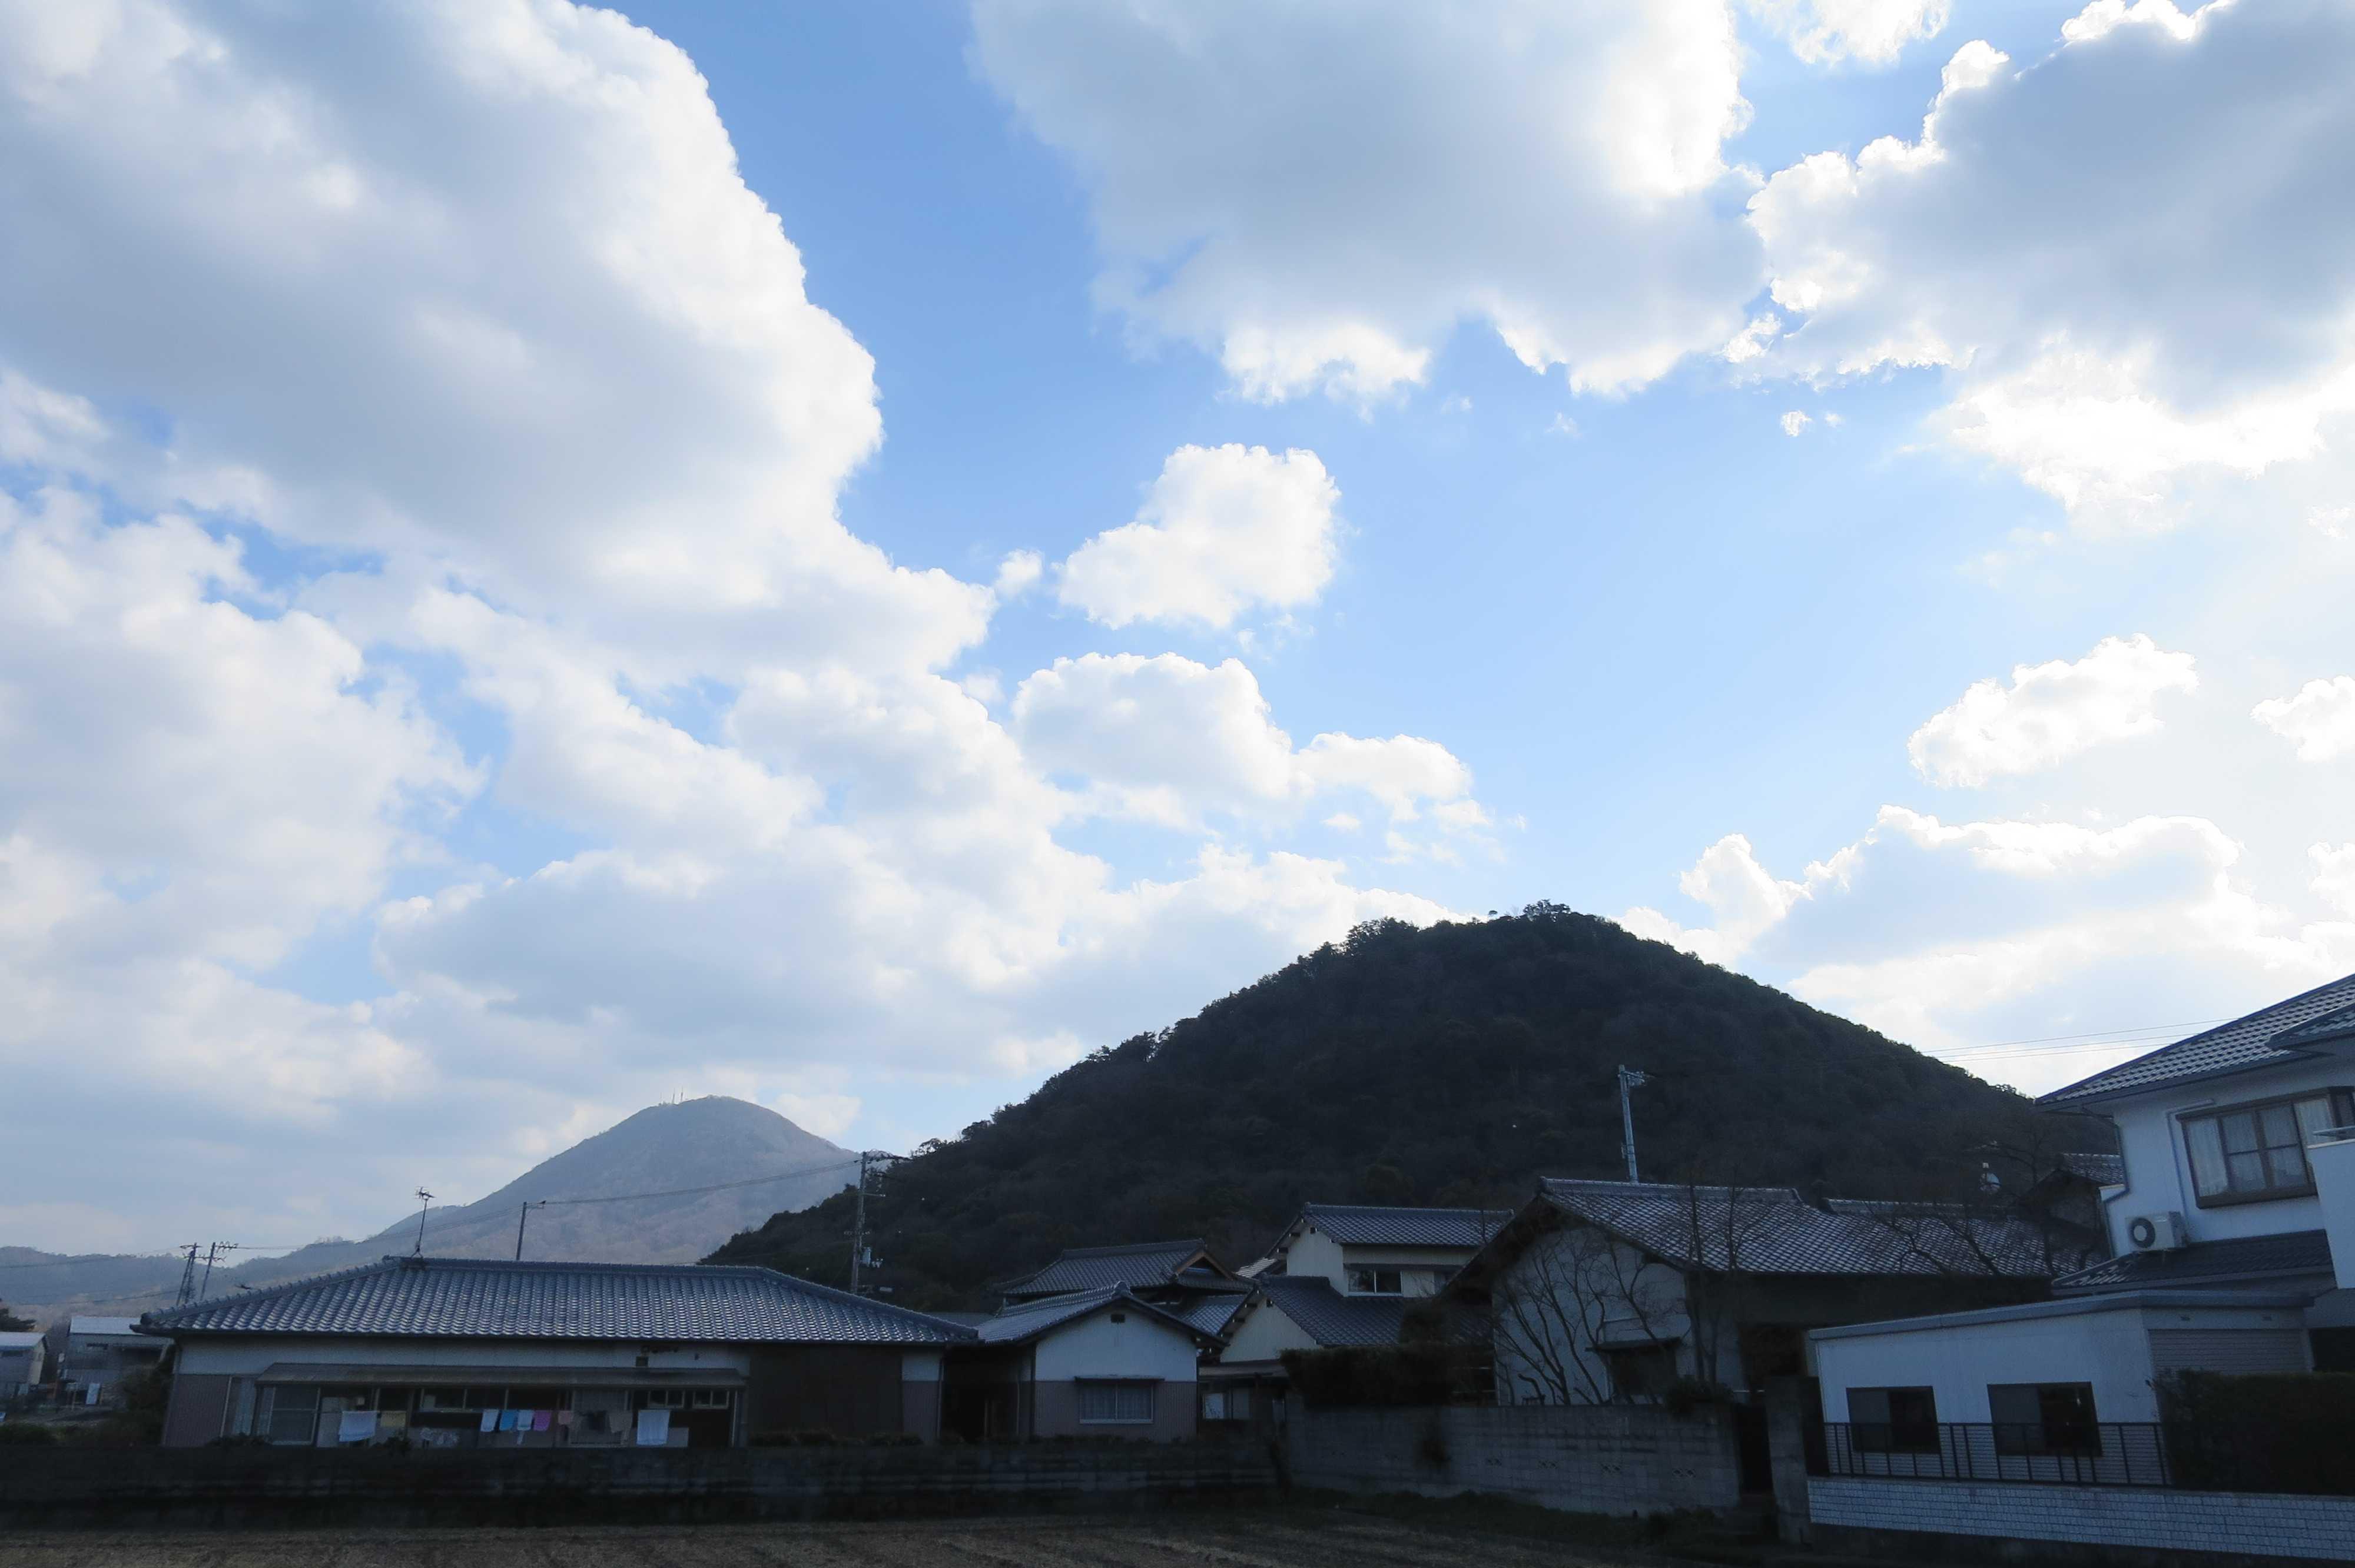 香色山 - 美しい讃岐の風景